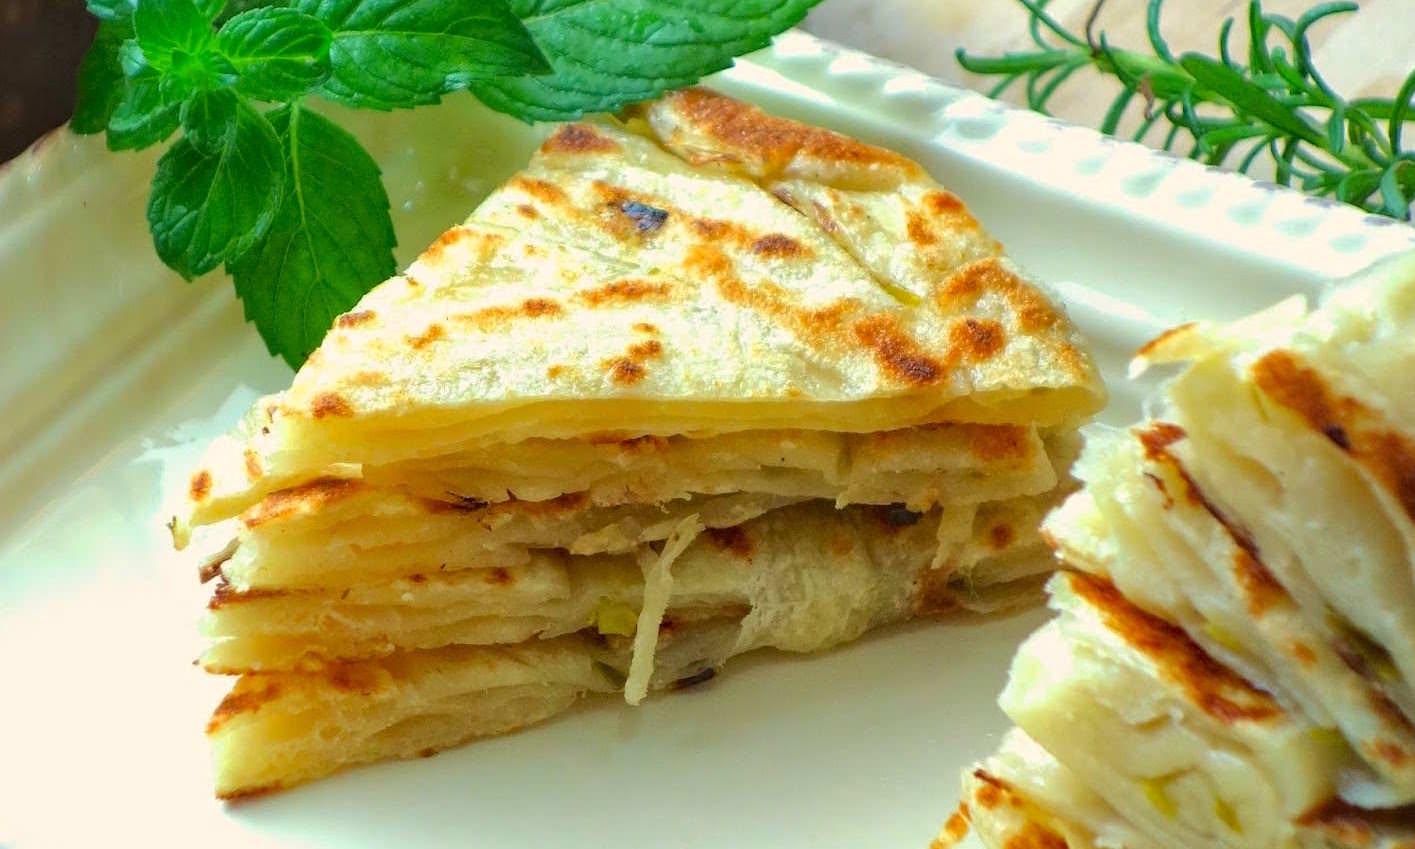 「想做出酥脆好吃的手工蔥油餅」我們很容易忽略這一個重要步驟!